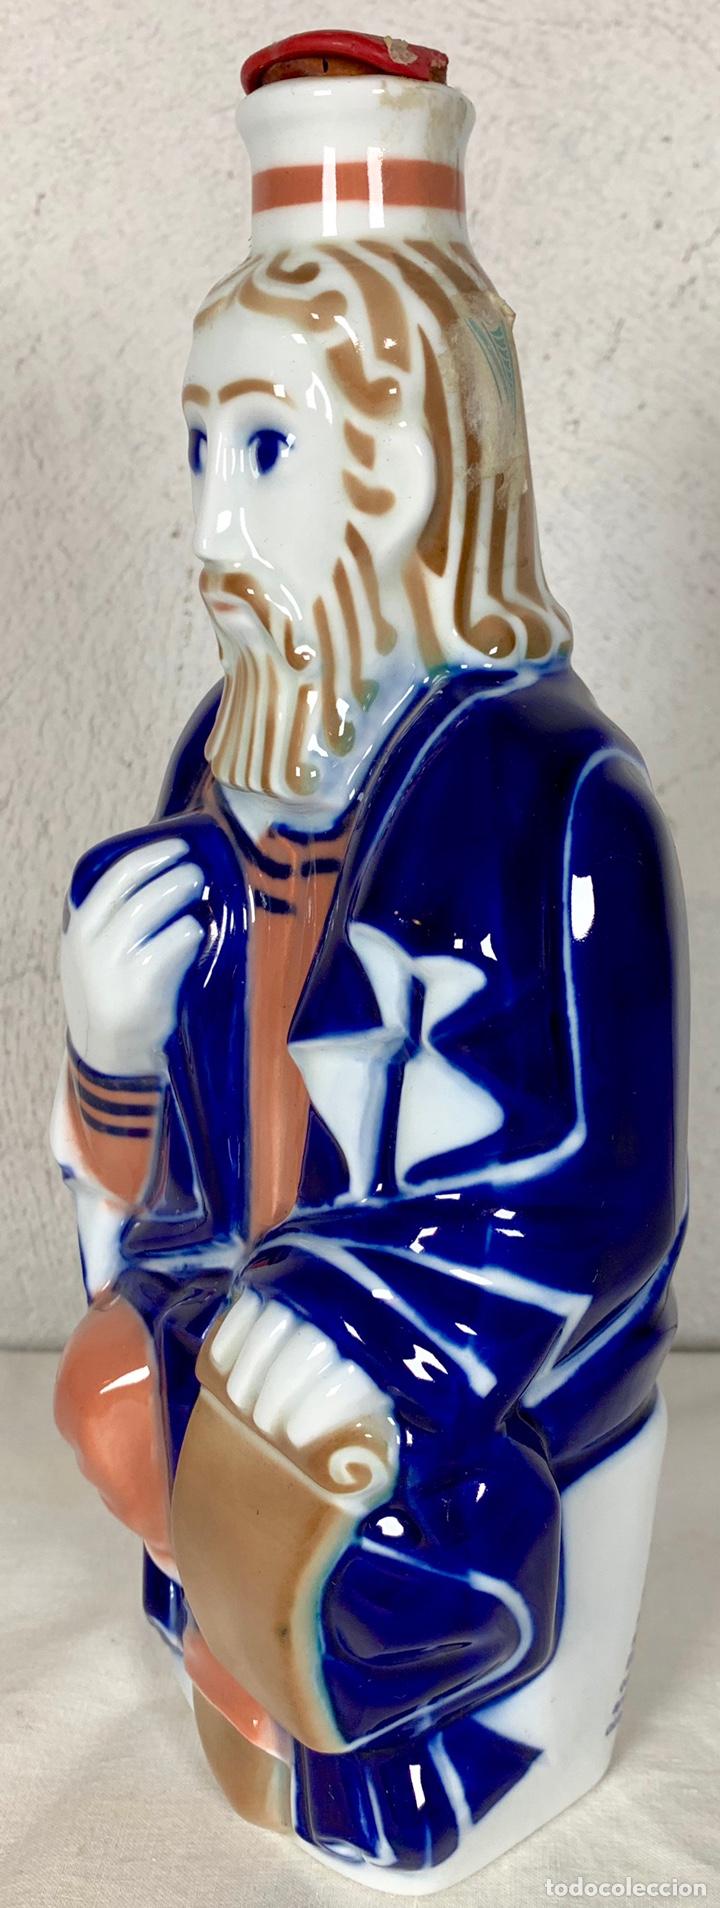 Antigüedades: Botella en porcelana de Sargadelos - Santiago el Mayor - Aguardiente descatalogada - Foto 3 - 147820048